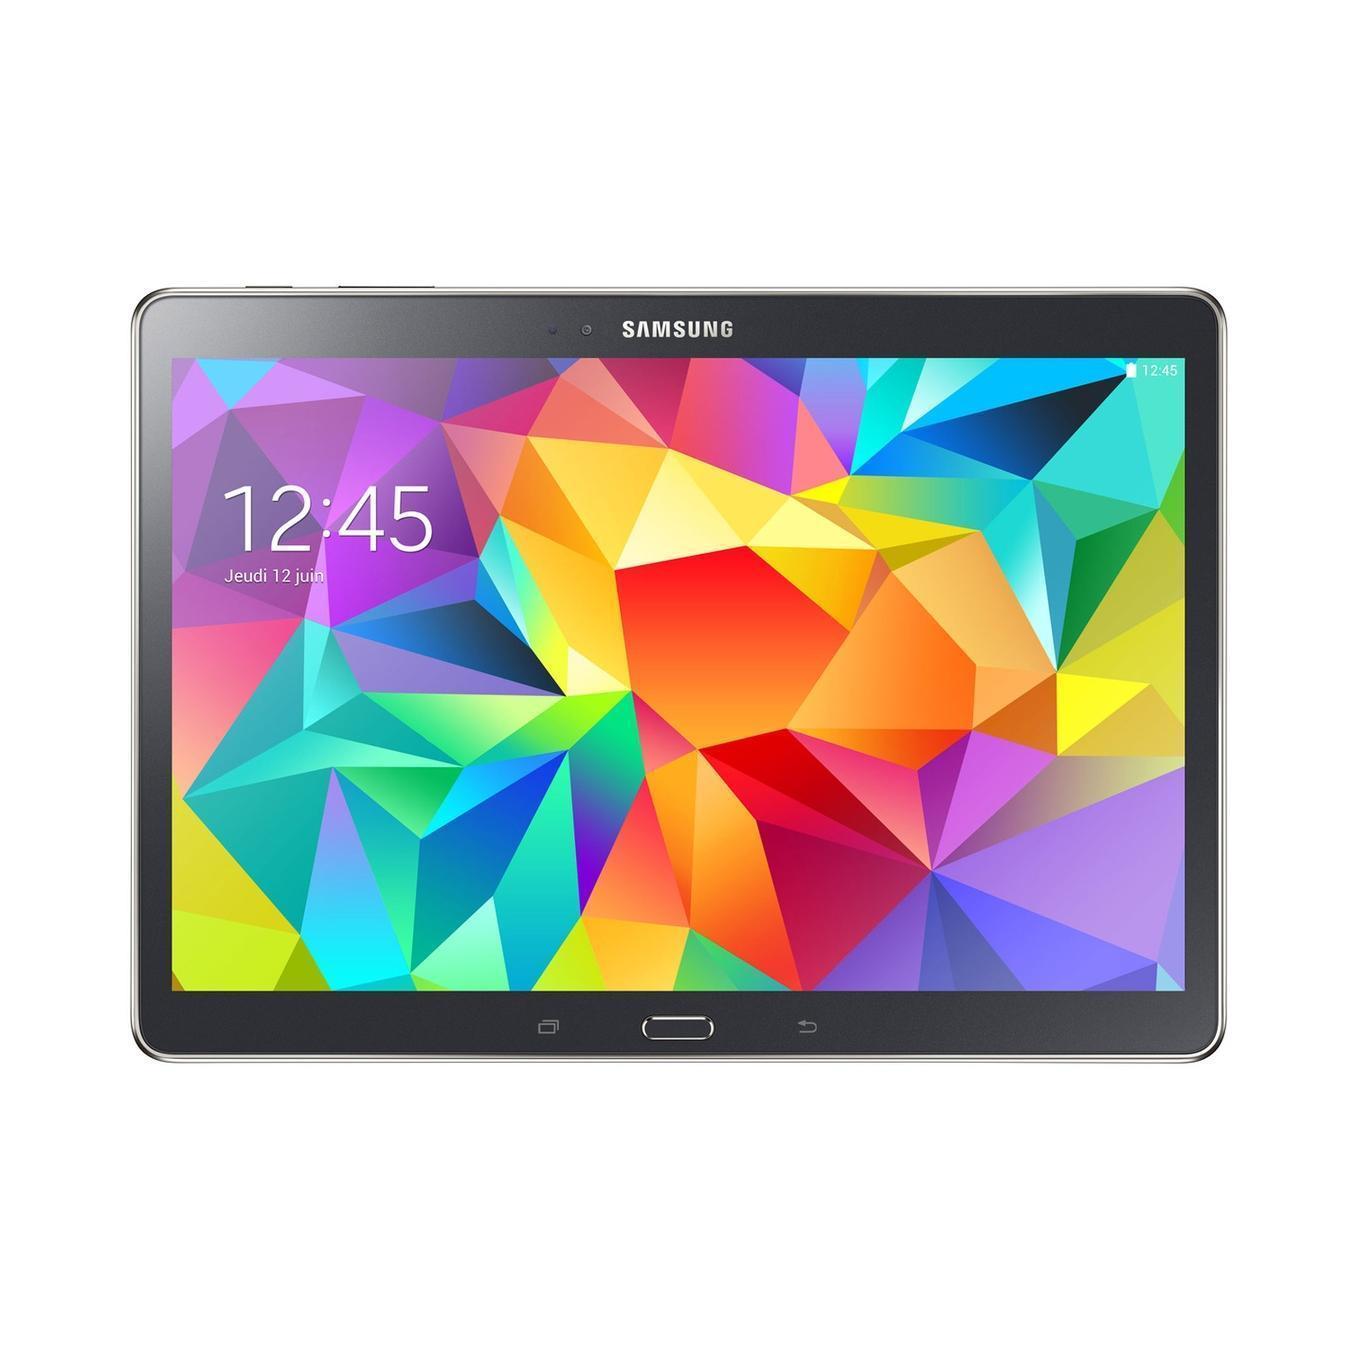 Samsung Galaxy Tab S 10.5 16 Go Gris